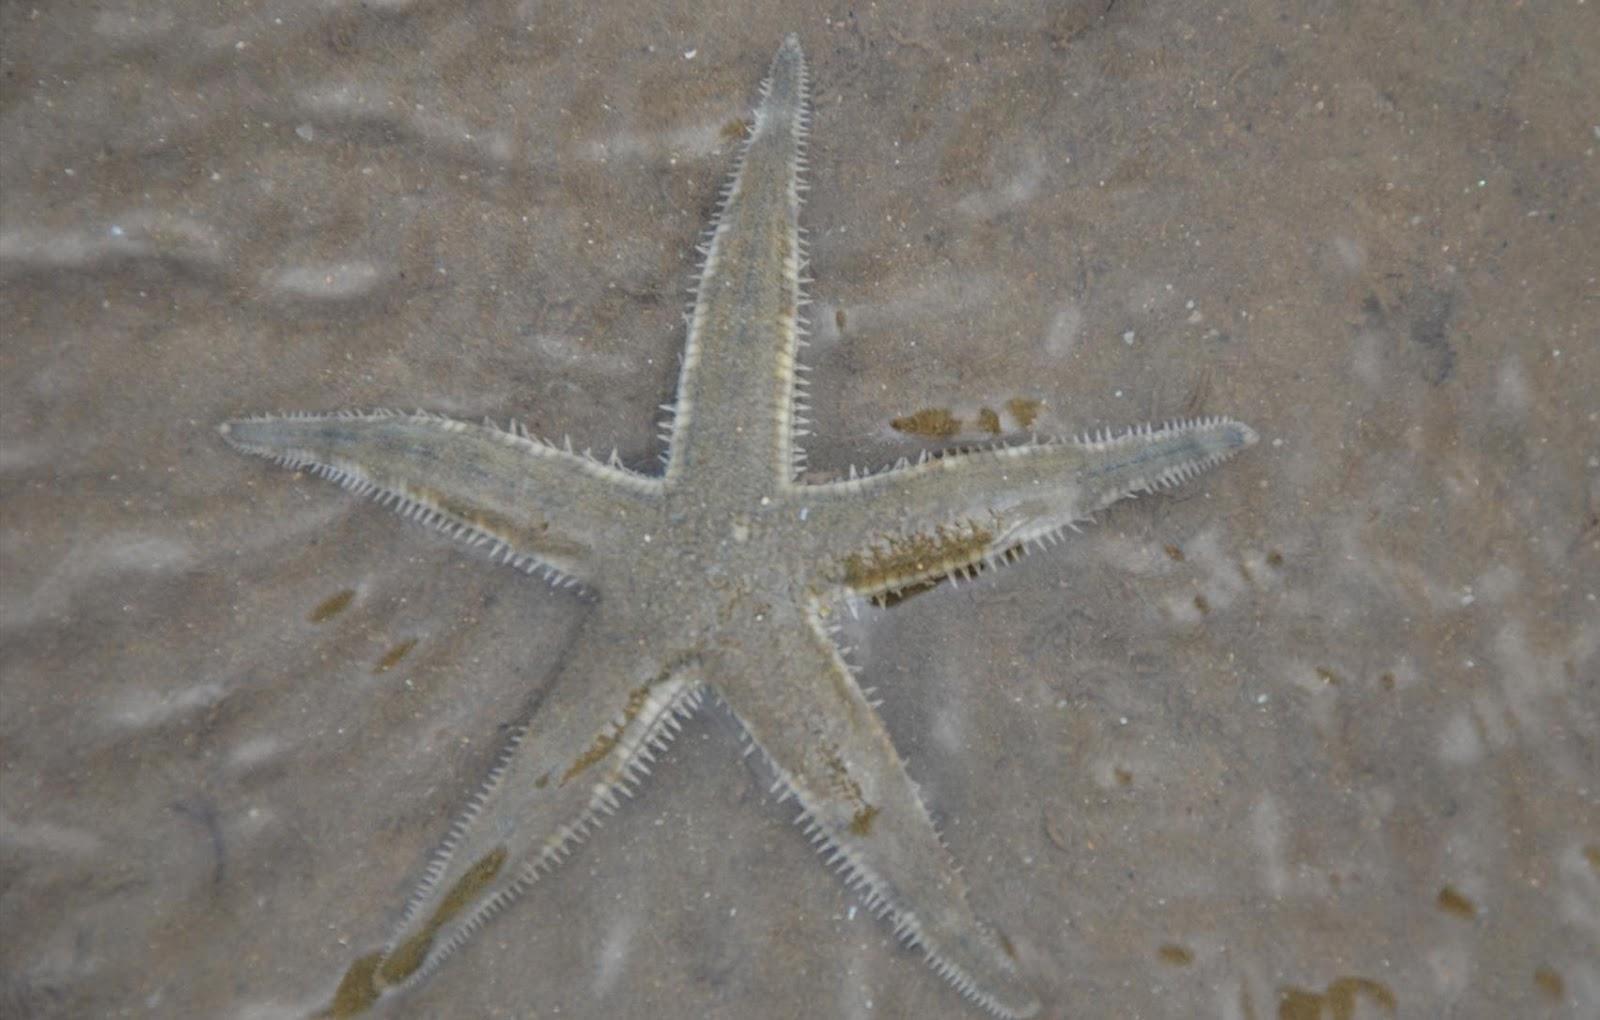 Kec. Ma. Badak Pecahkan rekor MURI: BINTANG binatang lautBadak Laut